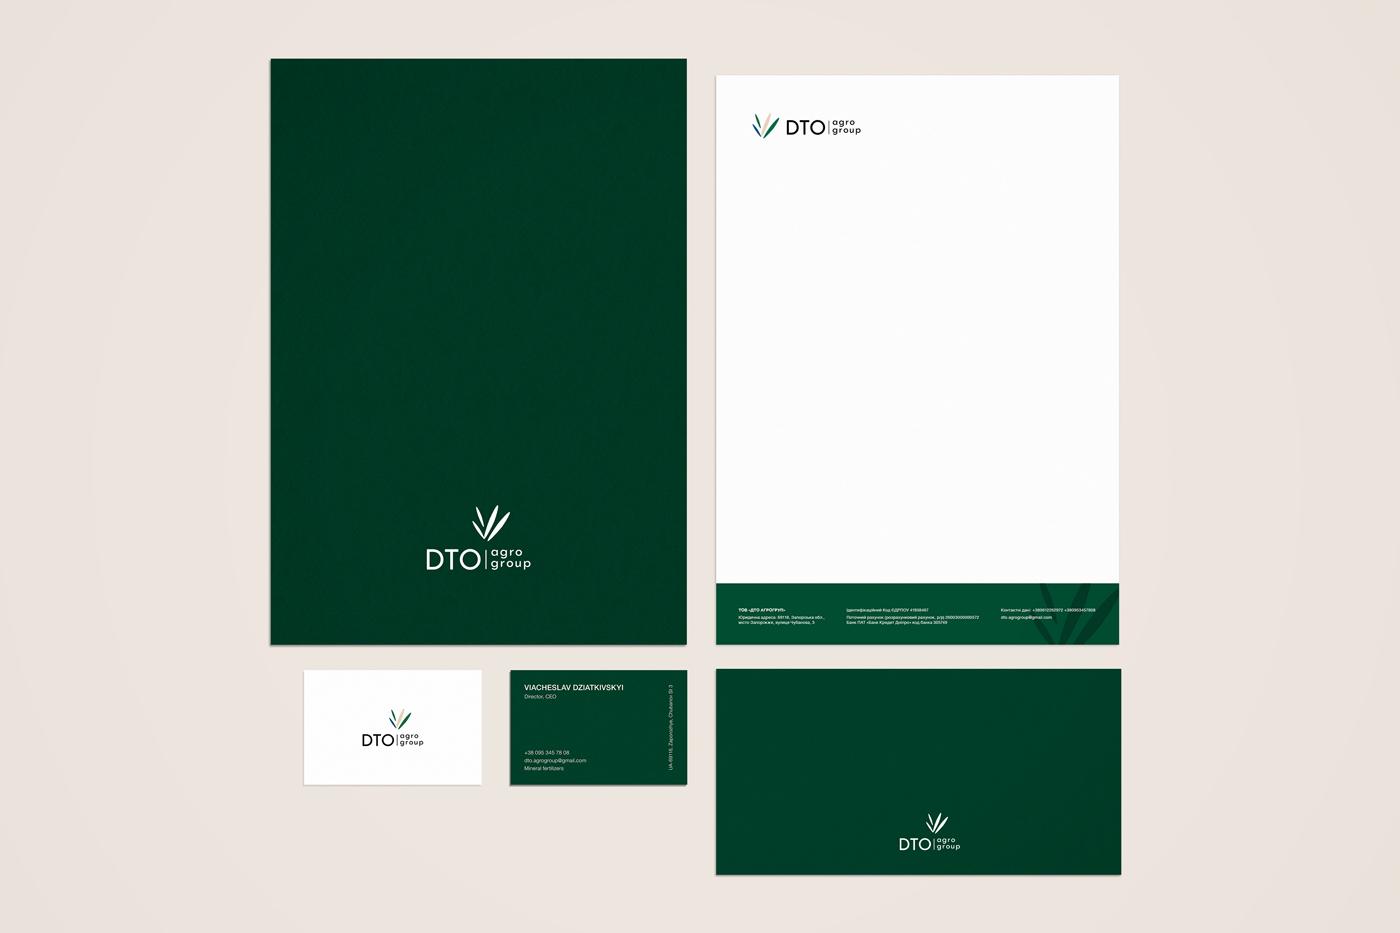 Фирменный стиль и логотип. Папка, бланк, конверт и визитки для украинской агрокомпании DTO